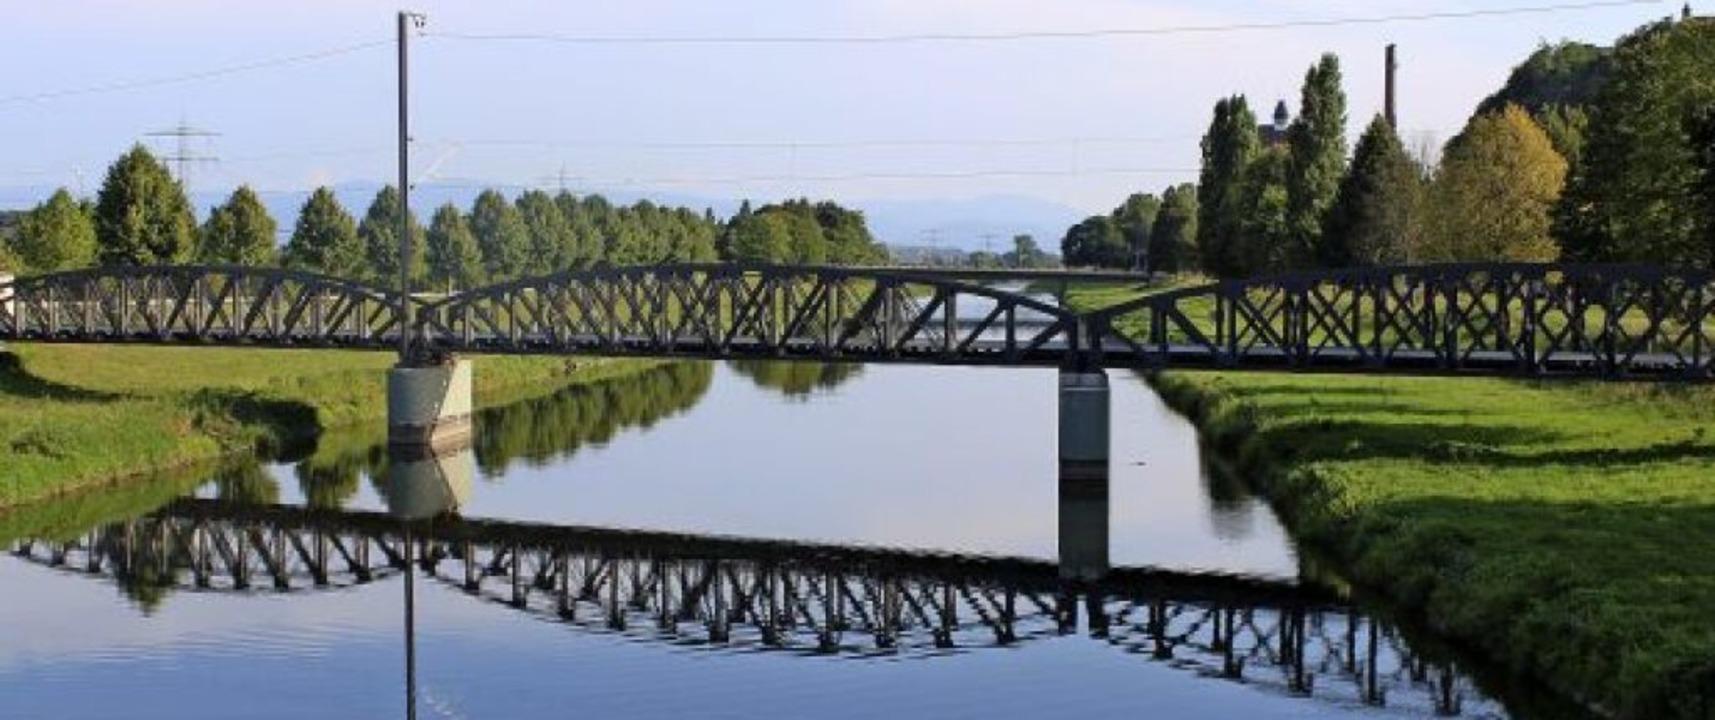 Die Eisenbahnbrücke über den Leopoldsk...er Spiegelung ein beliebtes Fotomotiv.  | Foto: Annika Sindlinger